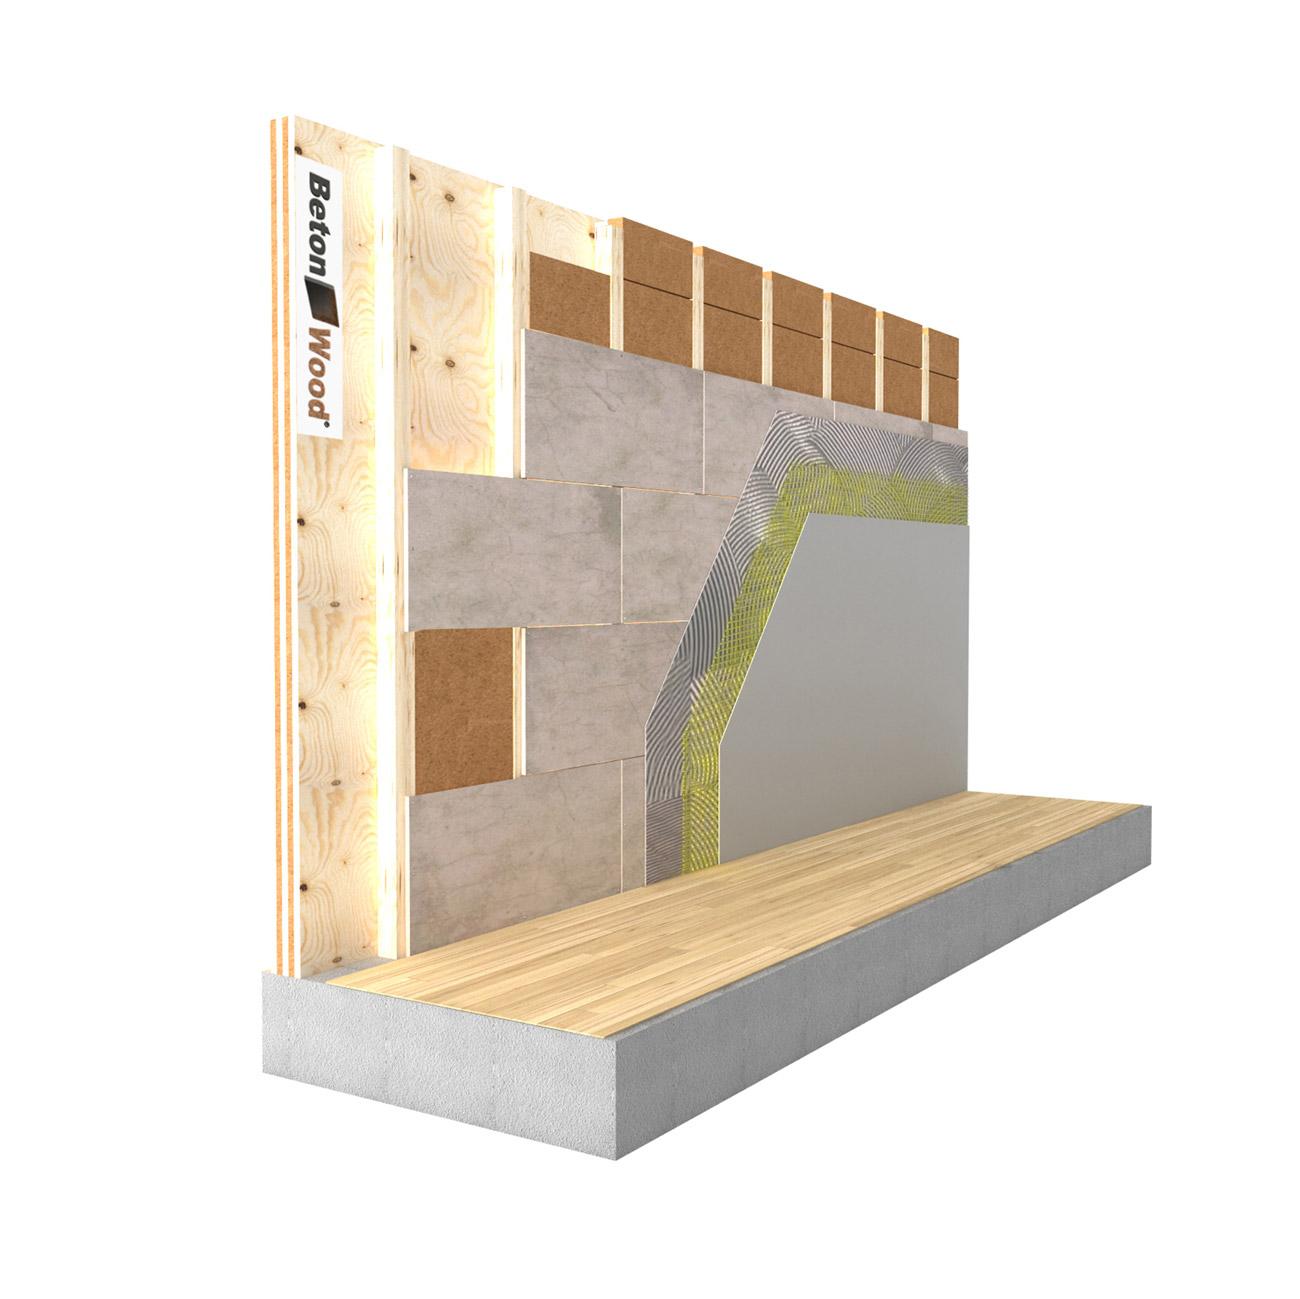 Fibra di legno per cappotto termico interno - Parete interna in legno ...